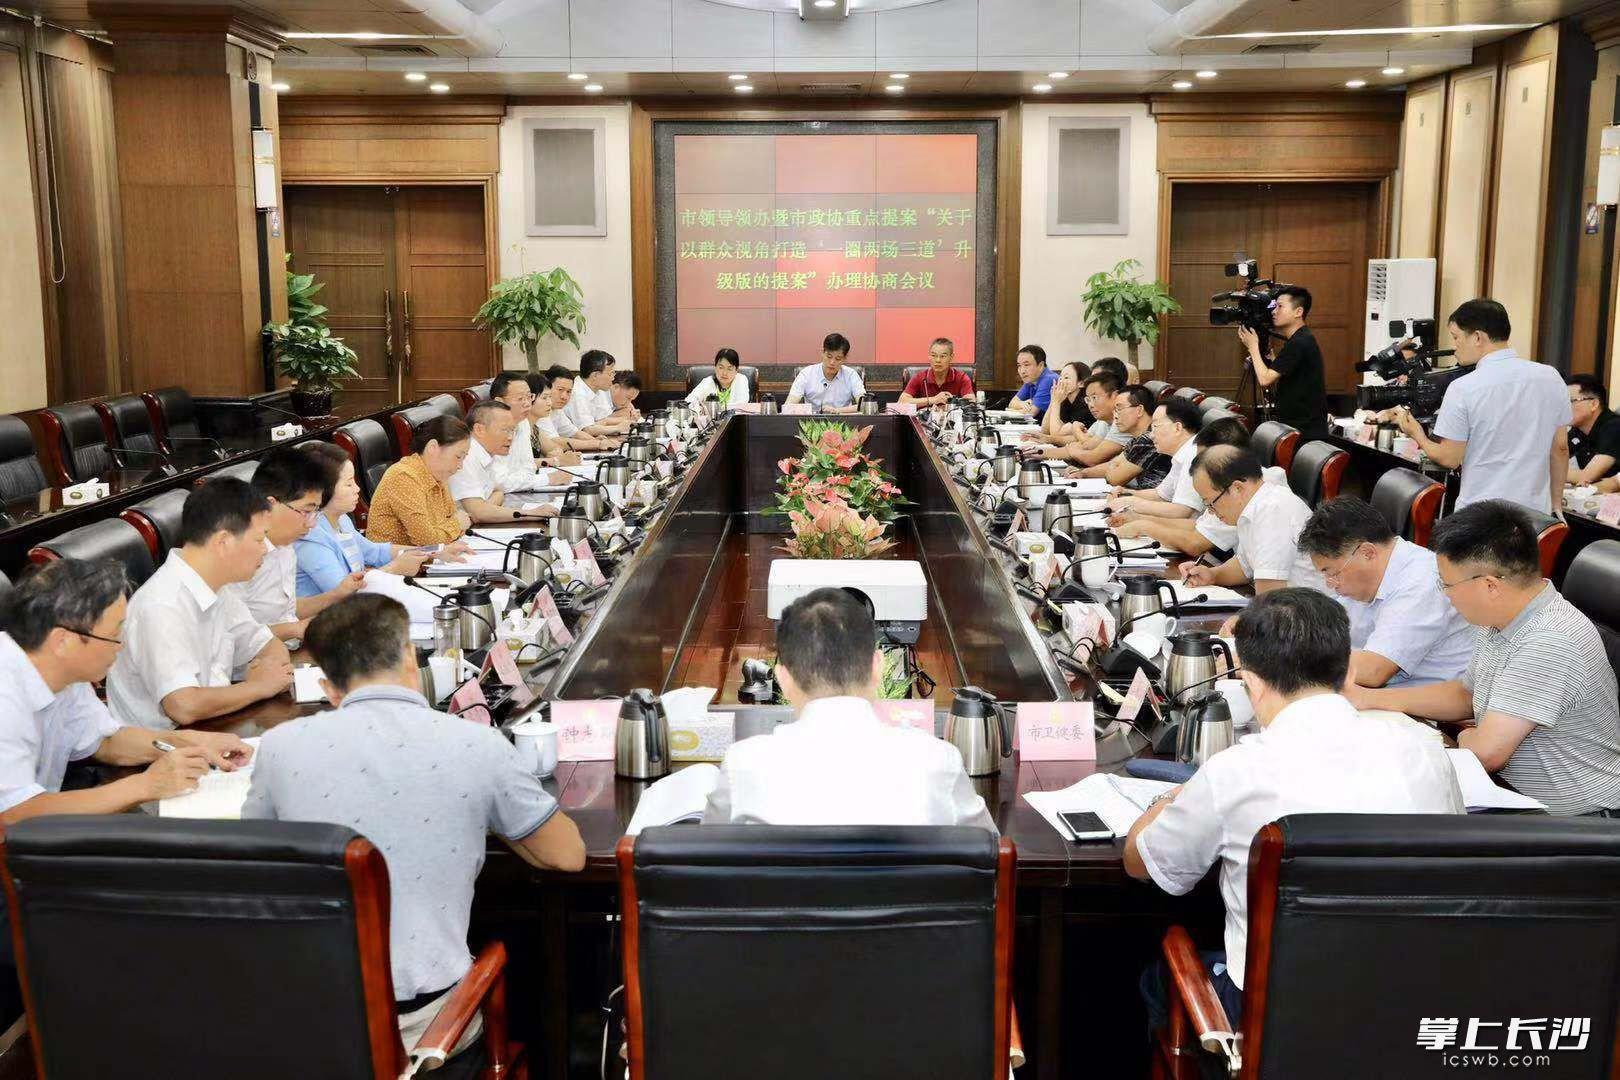 胡忠雄主持召开市领导领办暨市政协重点提案办理协商会议,文树勋出席